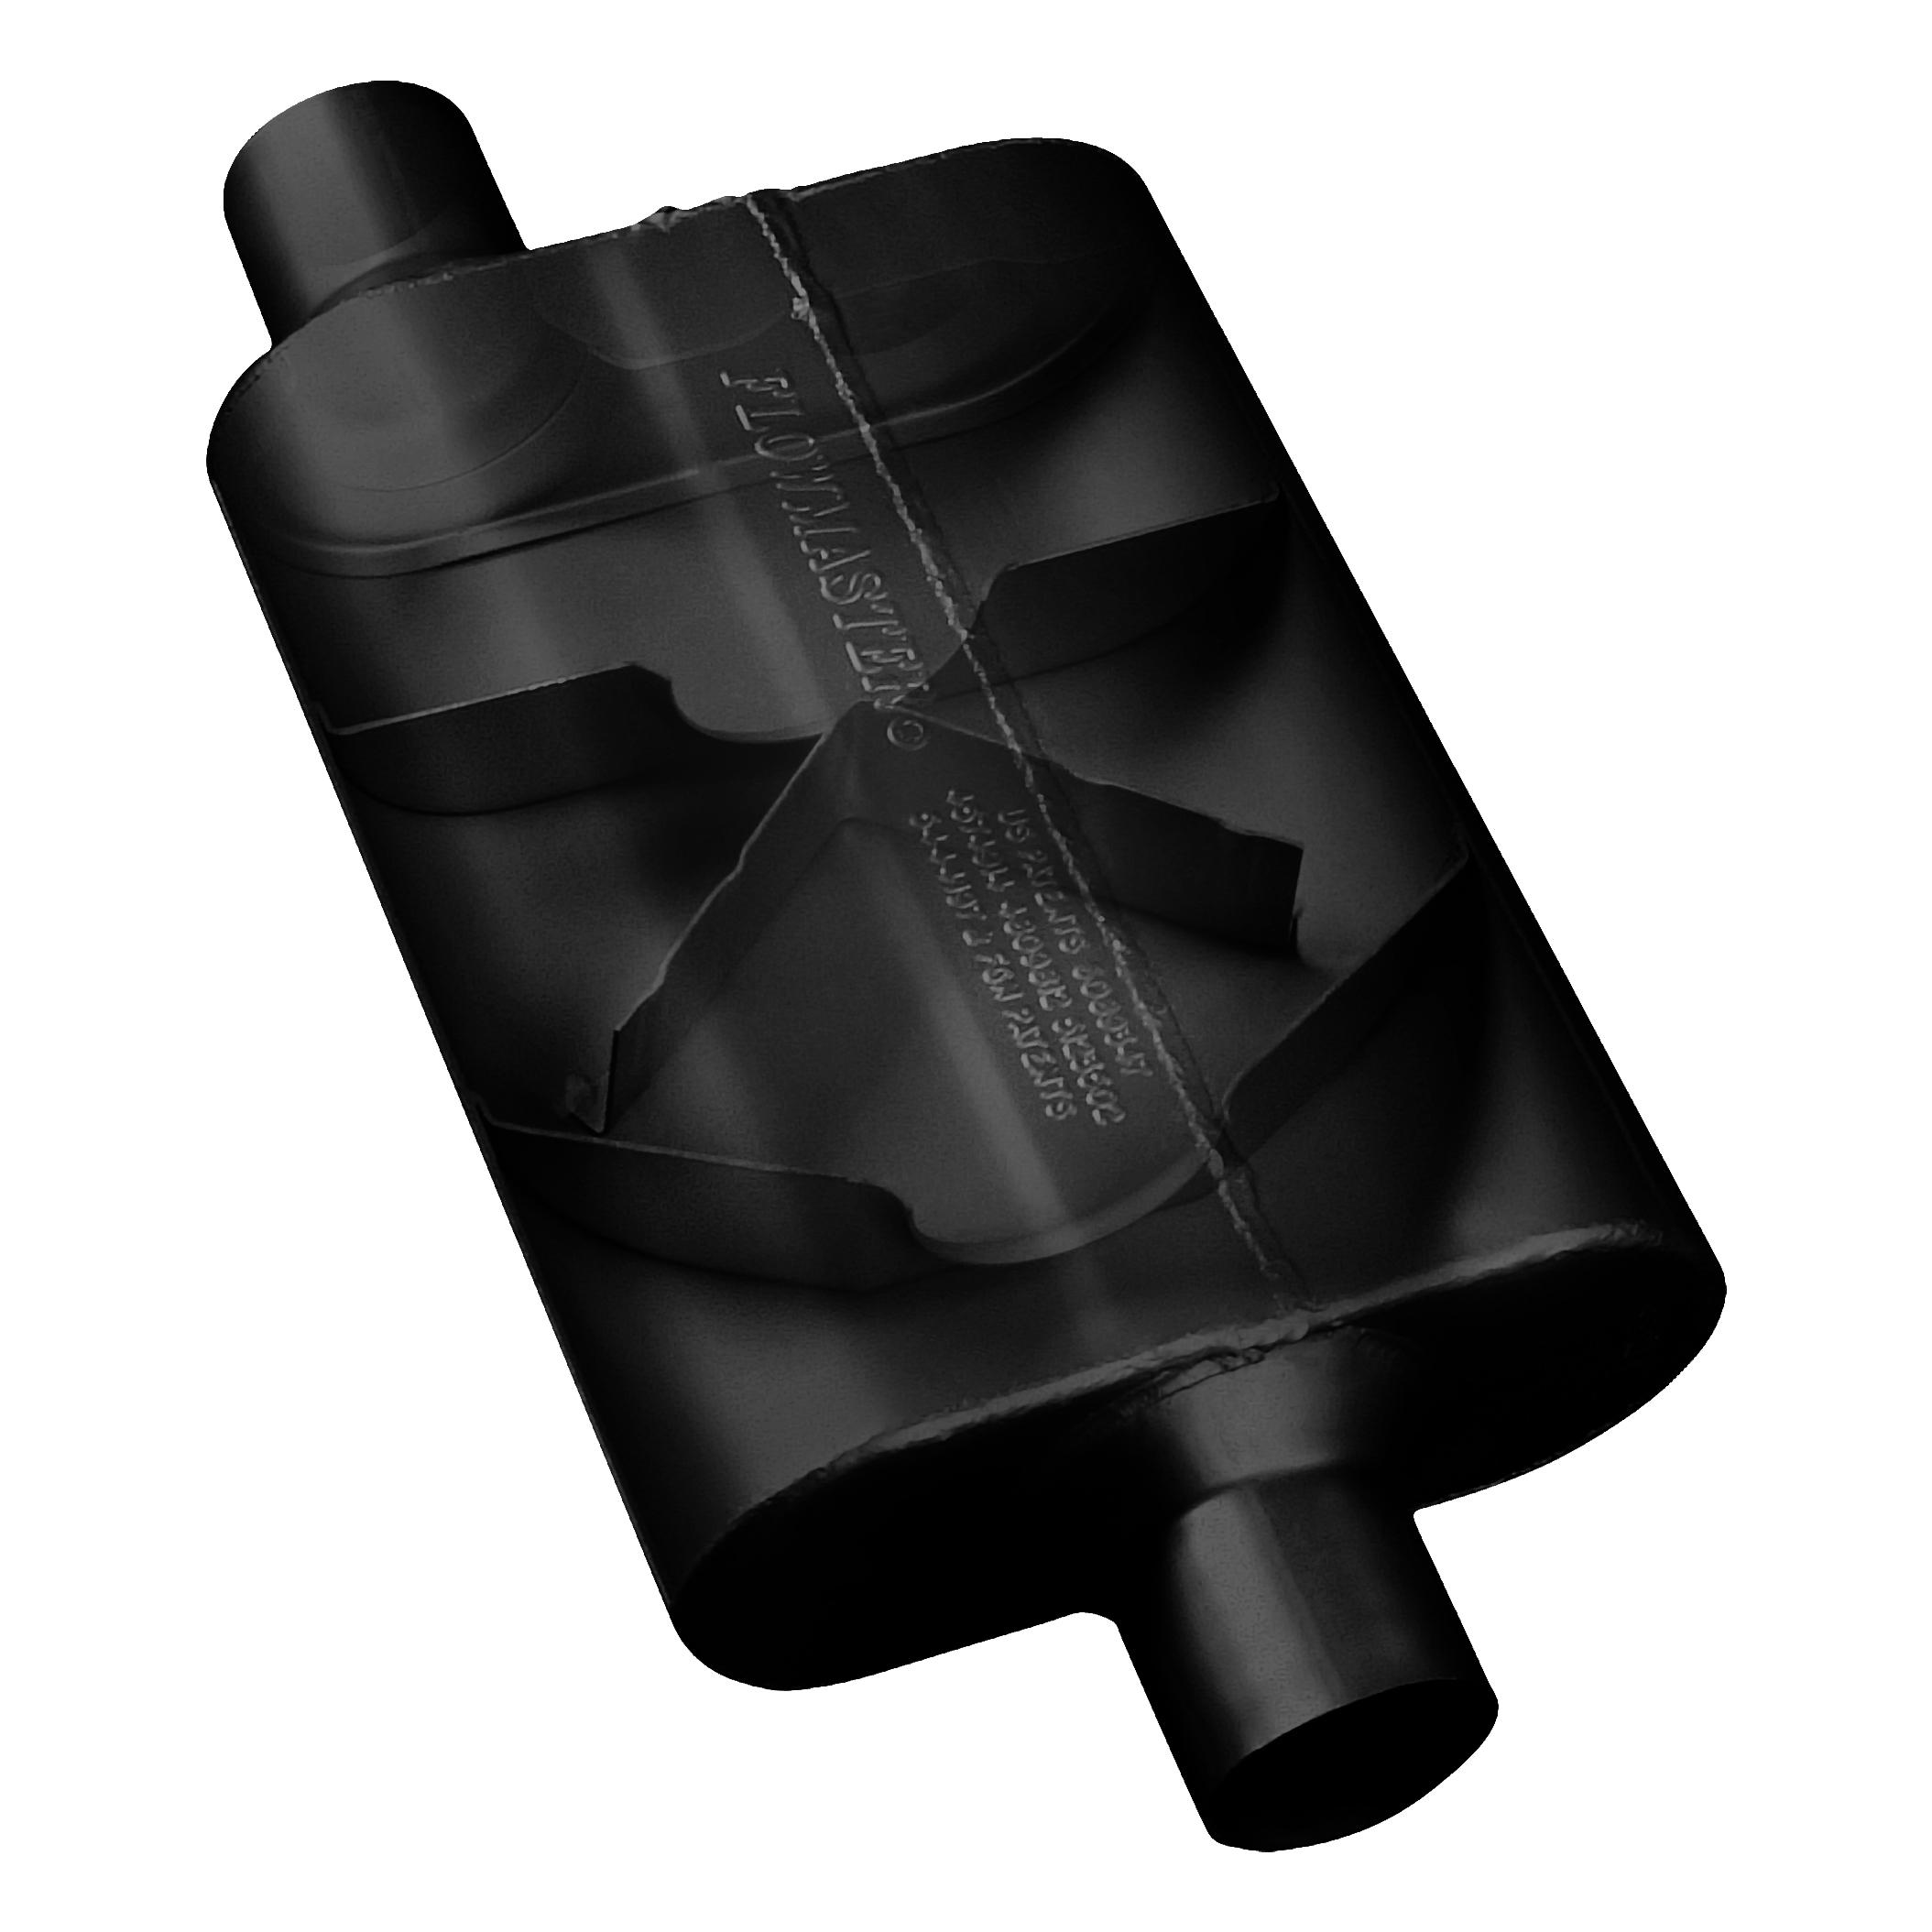 Flowmaster 42443 High Performance Muffler